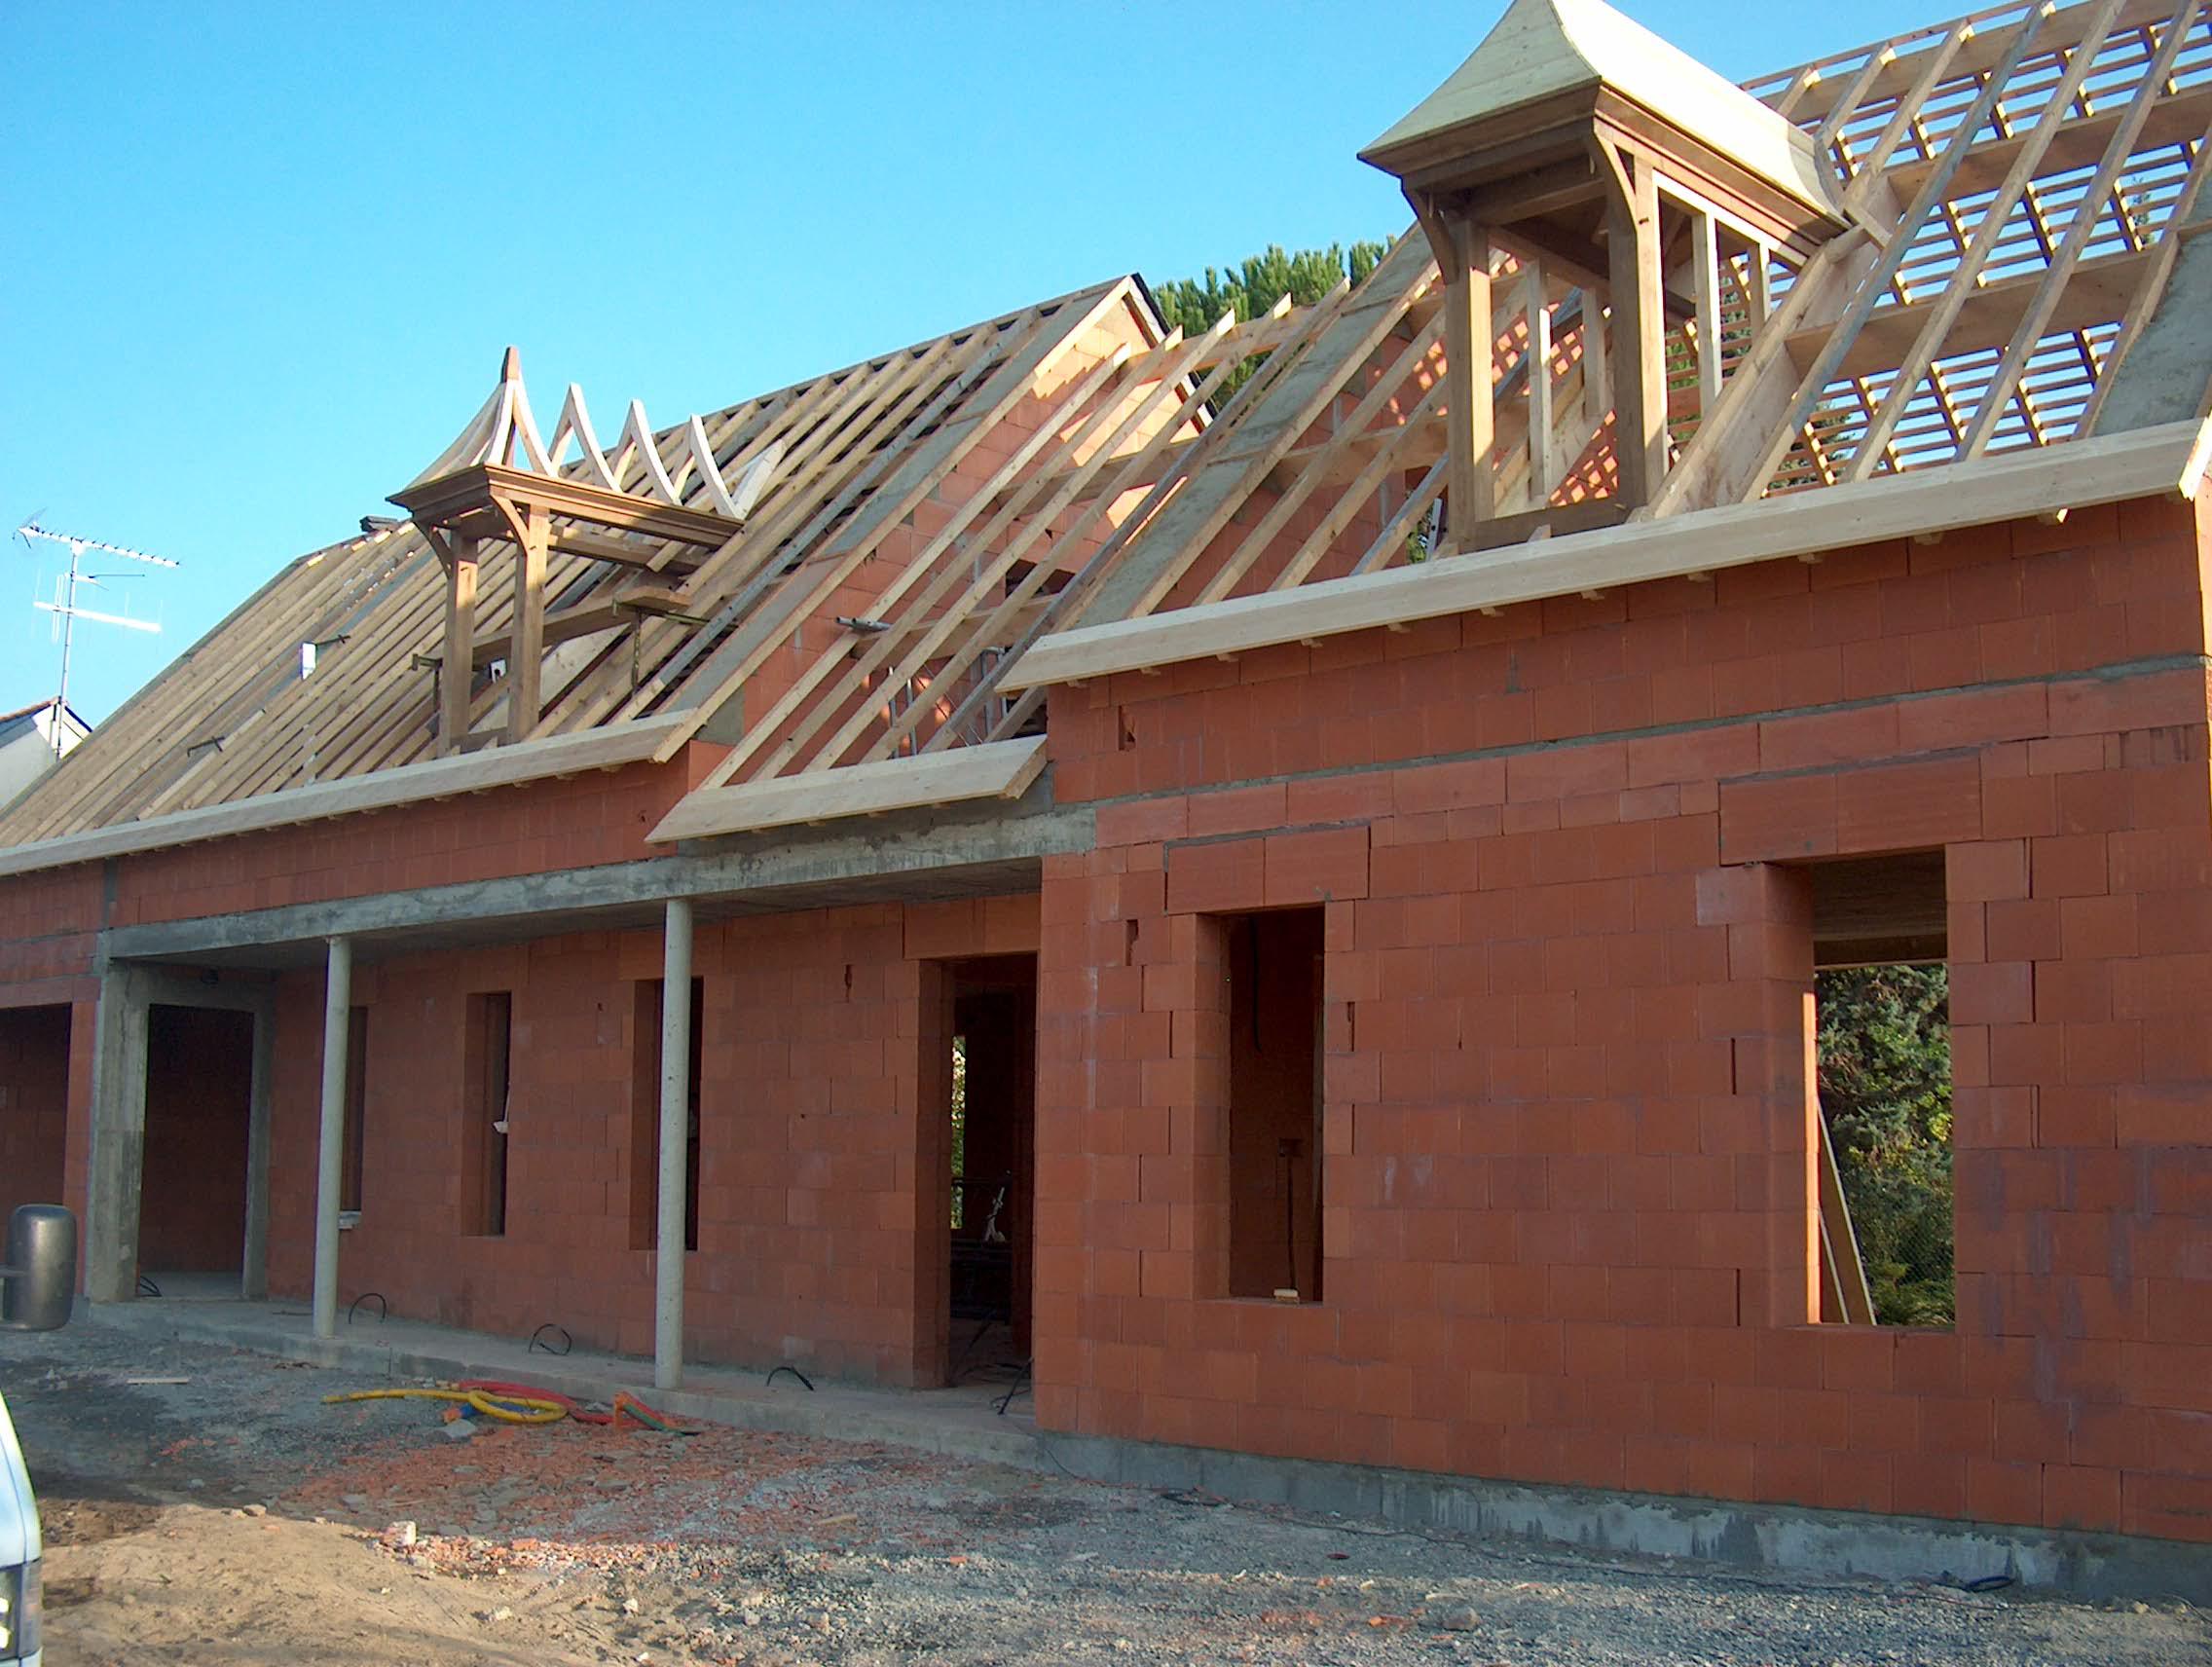 Maison neuve en briques